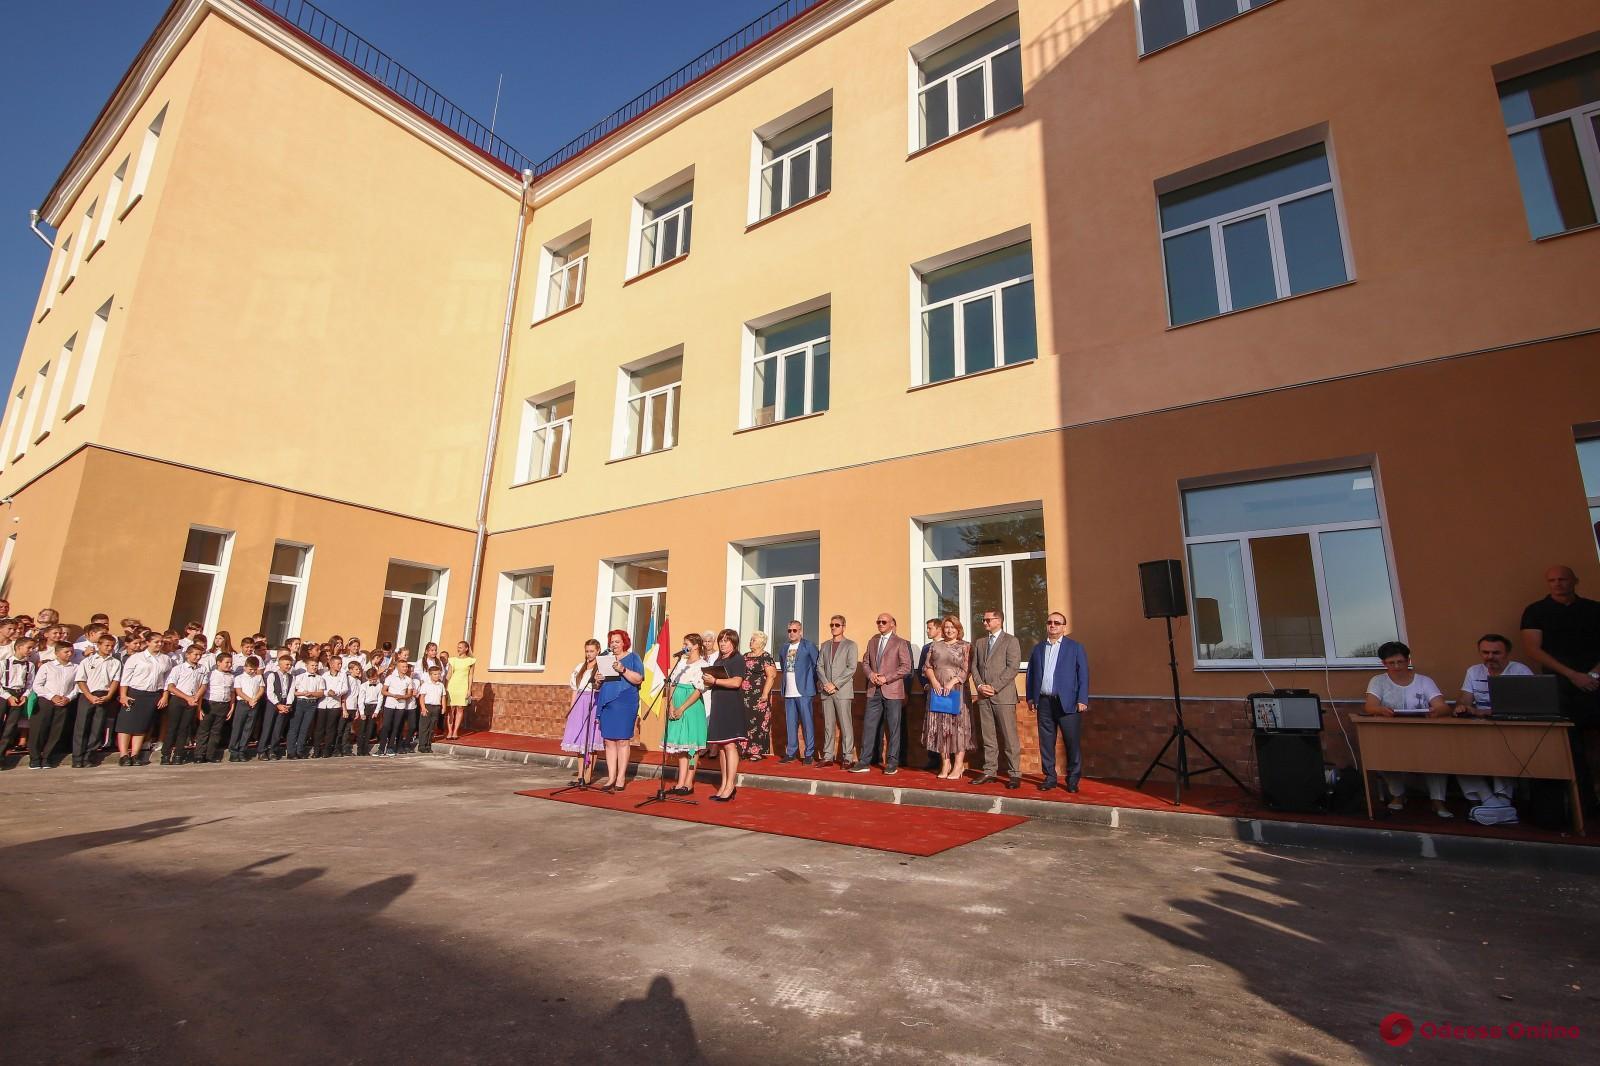 Маленькие жители поселка Большевик начали учебный год в модернизированной школе